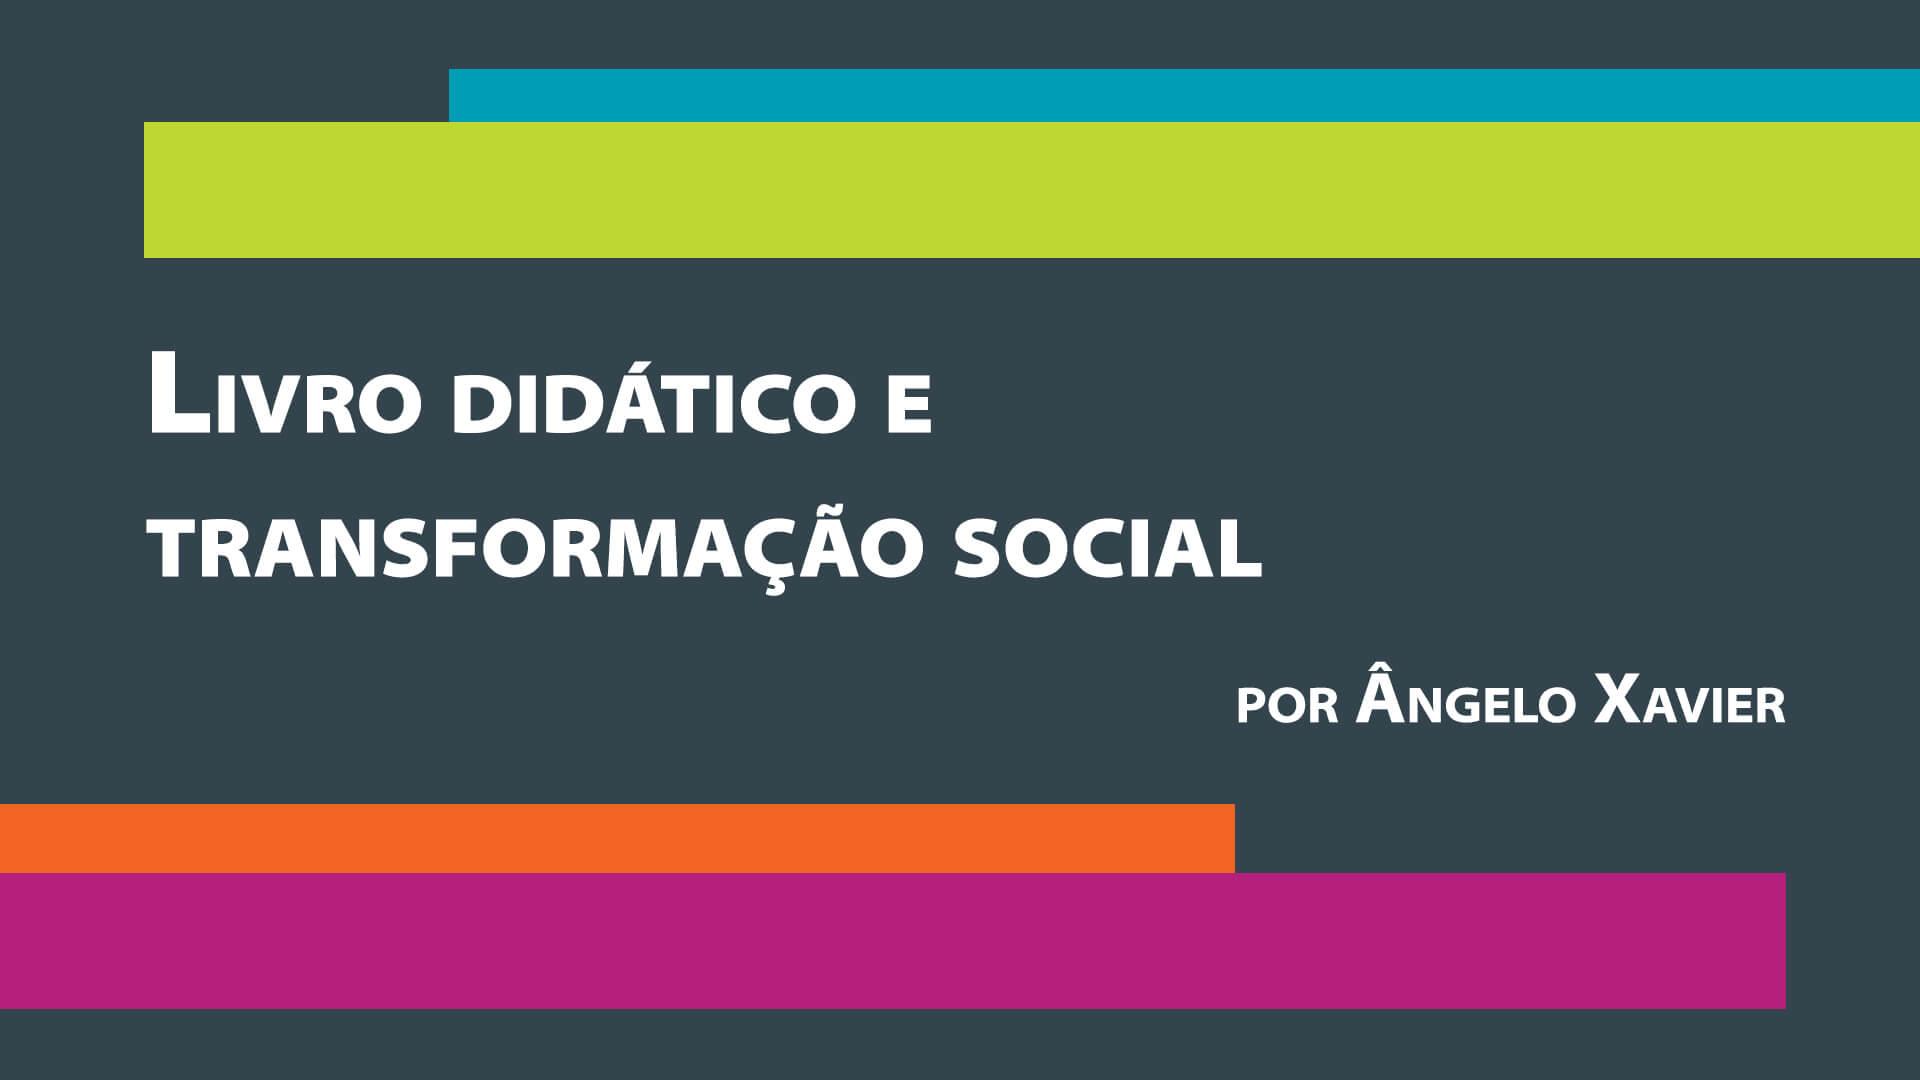 Livro didático e transformação social